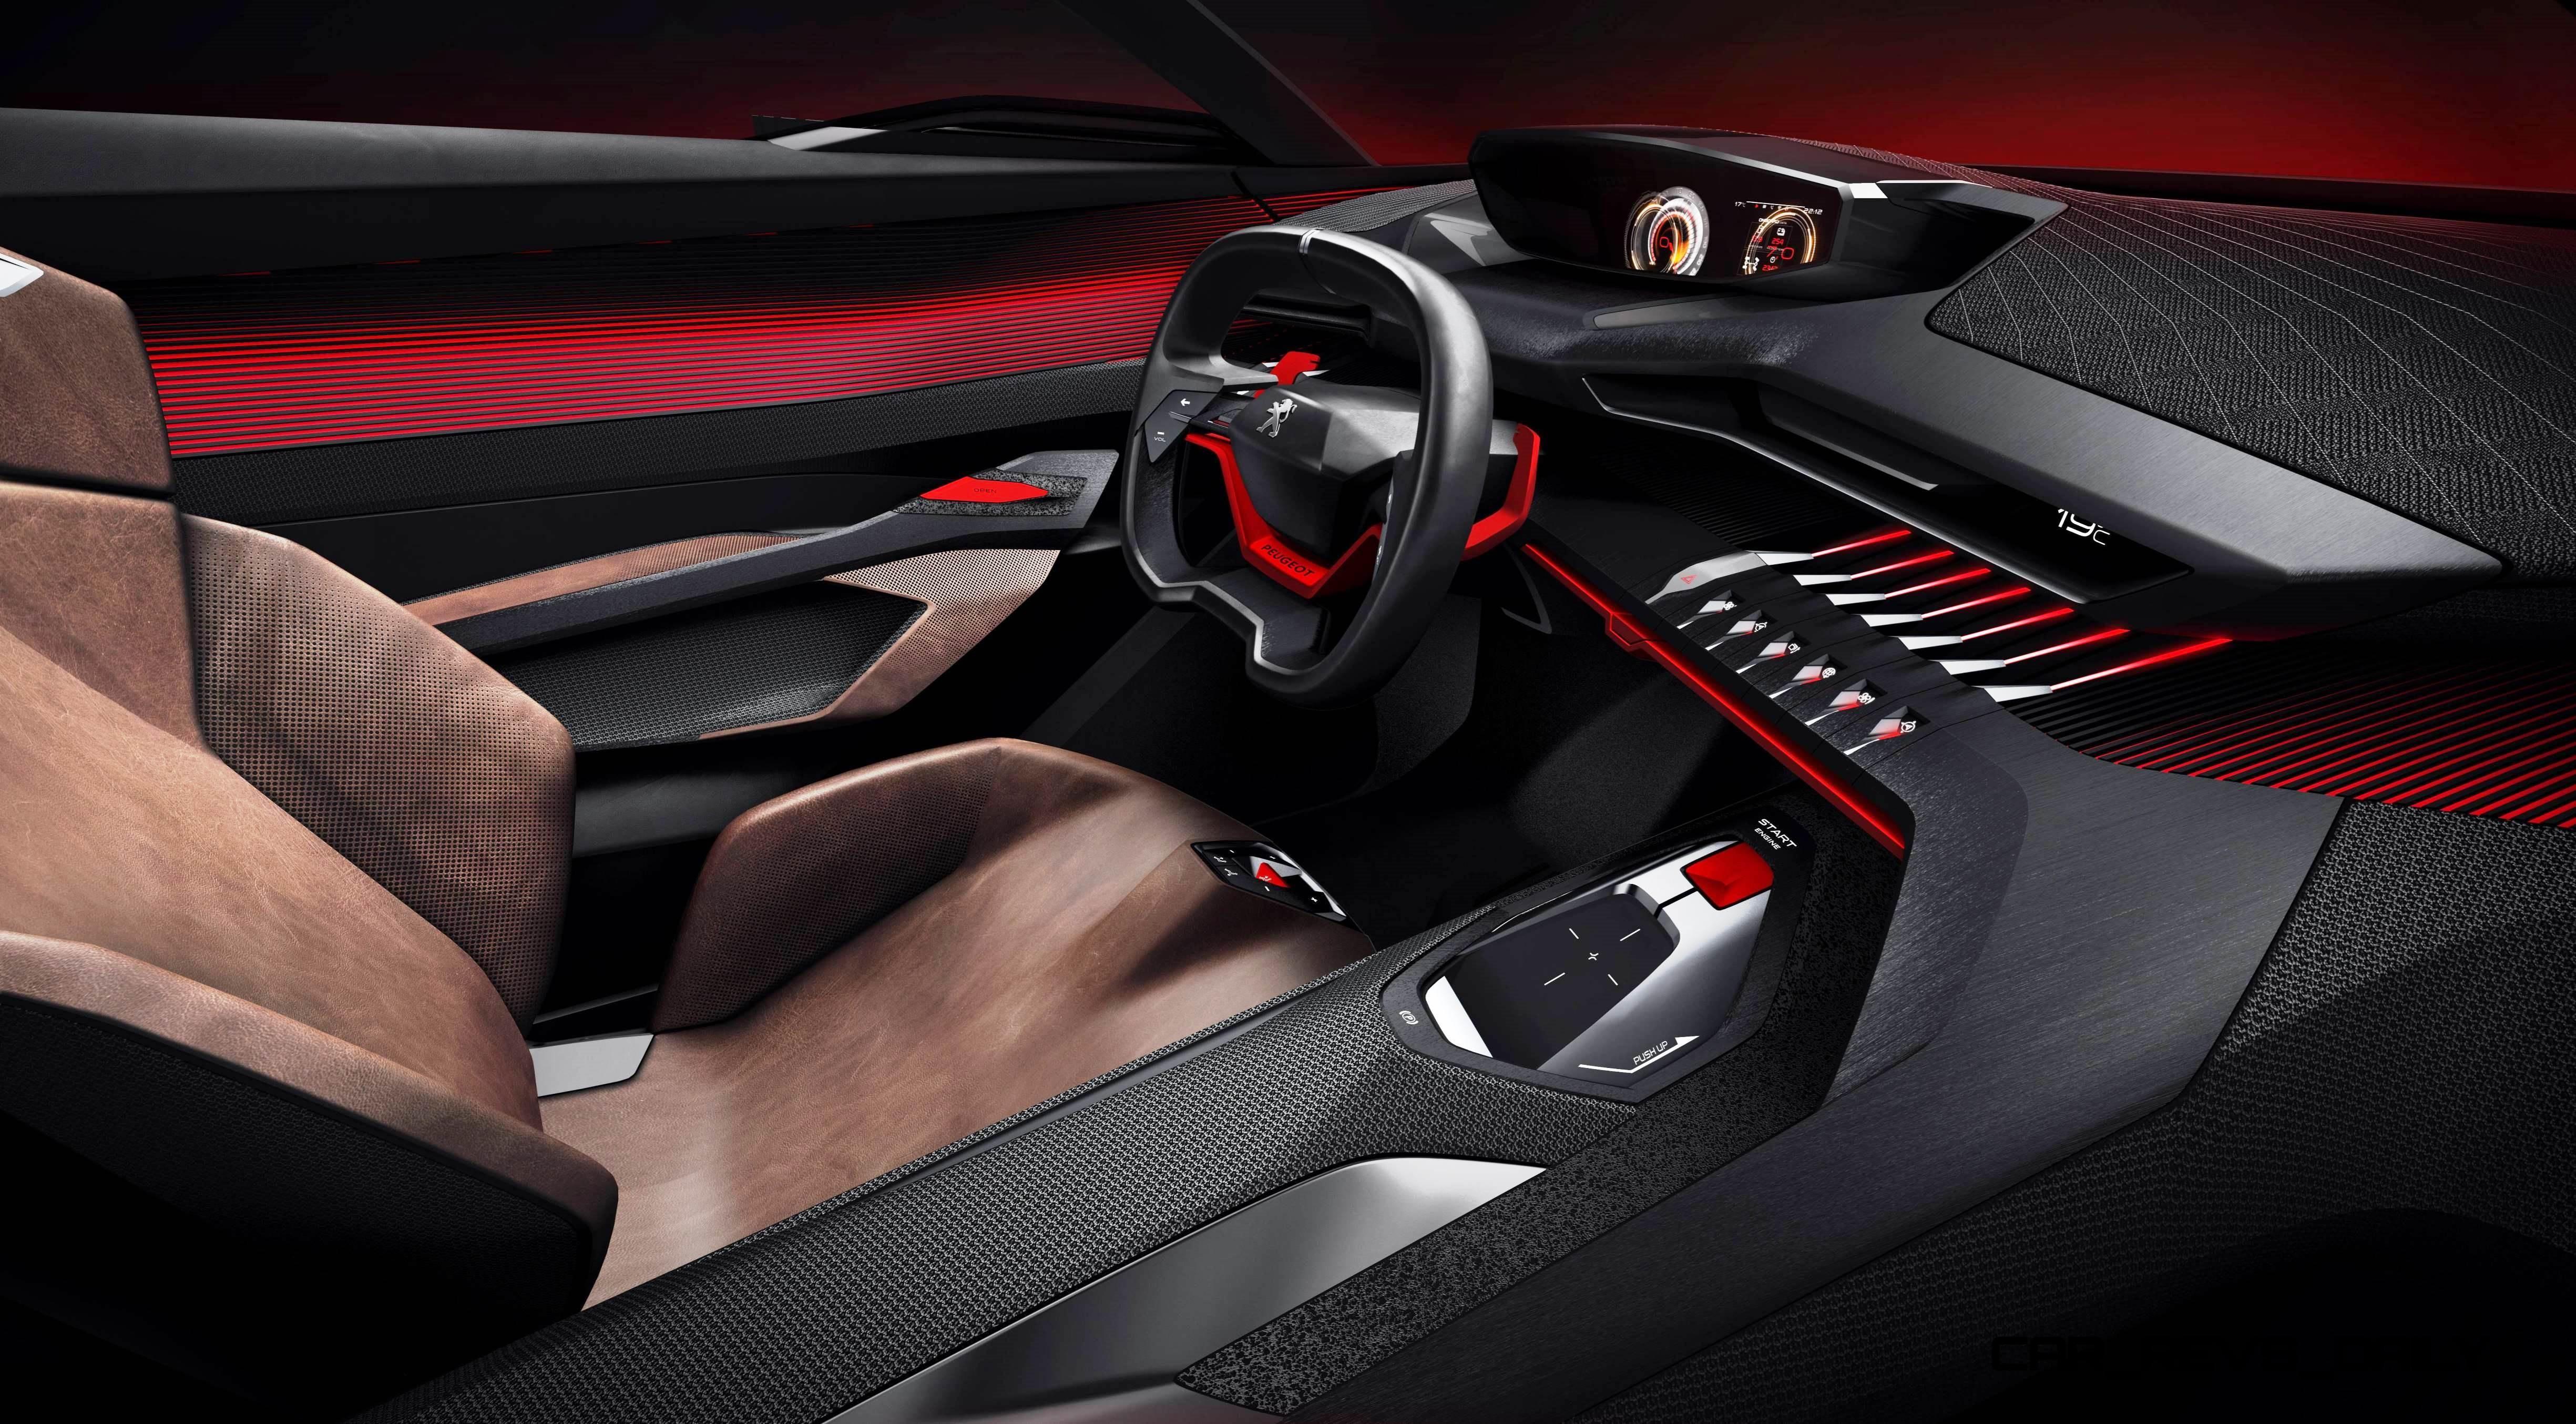 Wallpaper Peugeot Quartz Concept Interior Supercar Sports Car